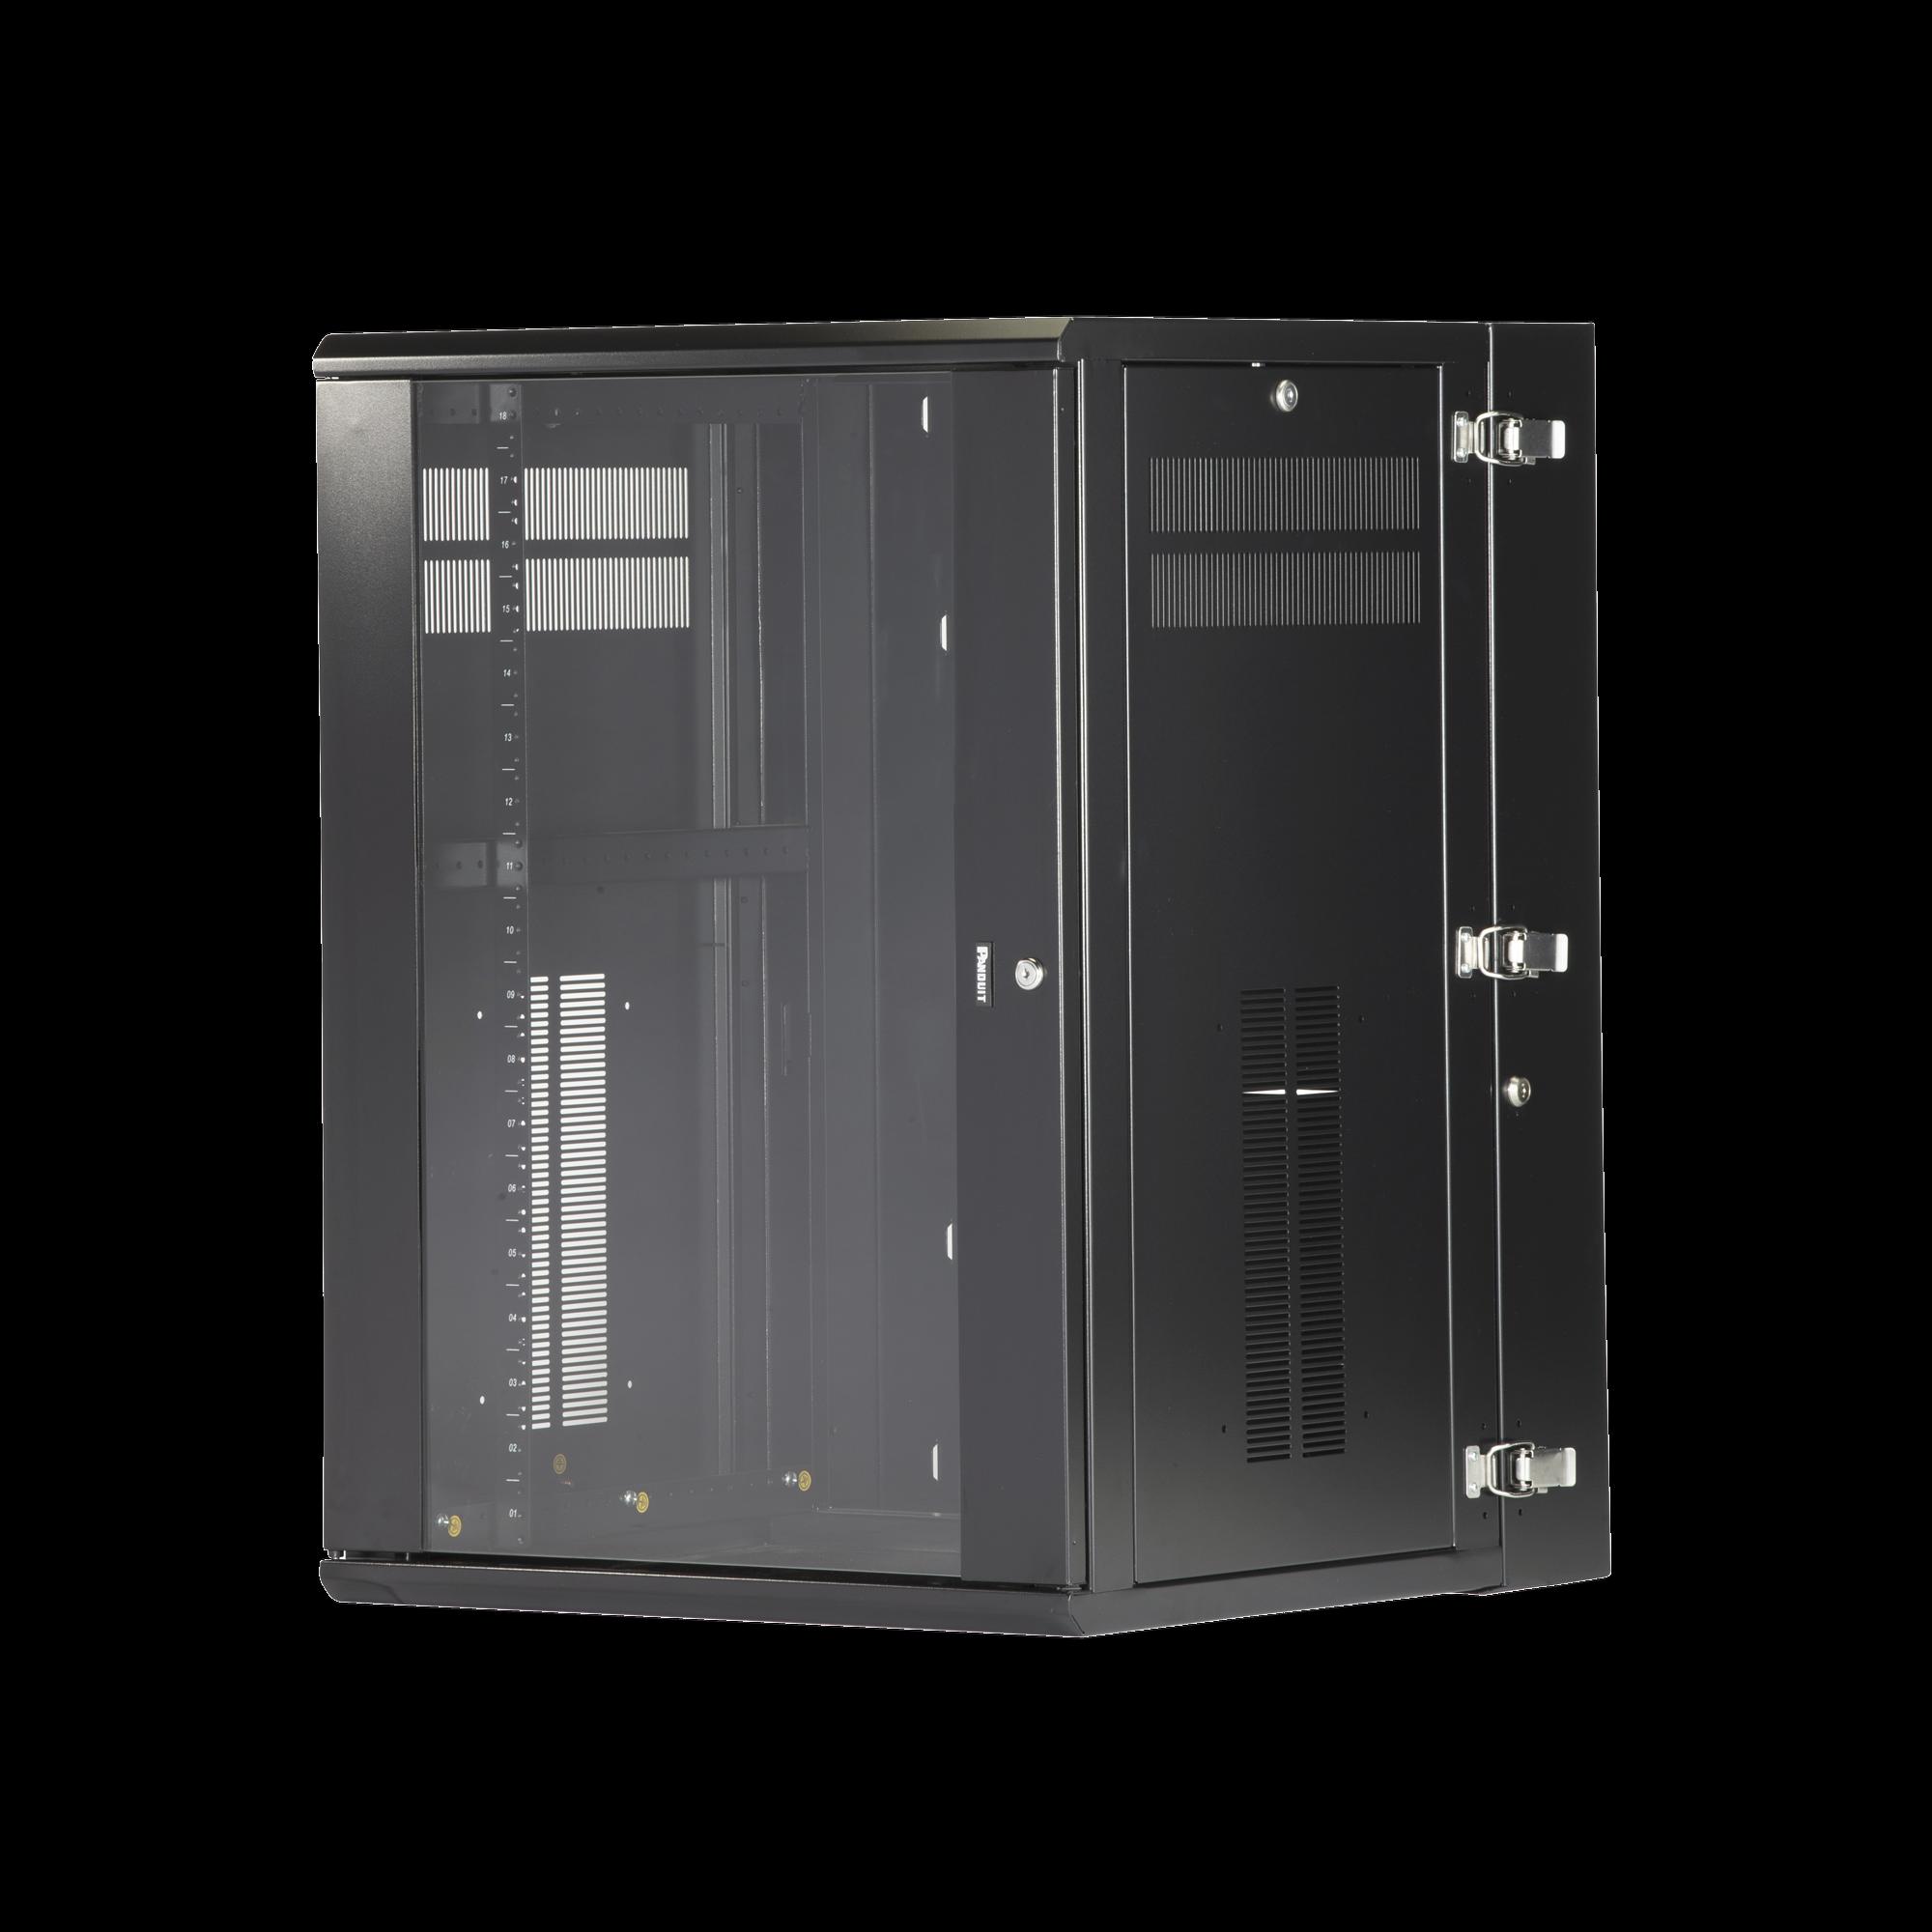 Gabinete PanZone de Montaje en Pared, de 19in, Puerta con Ventana de Seguridad, 18 UR, 635mm de Profundidad, Color Negro